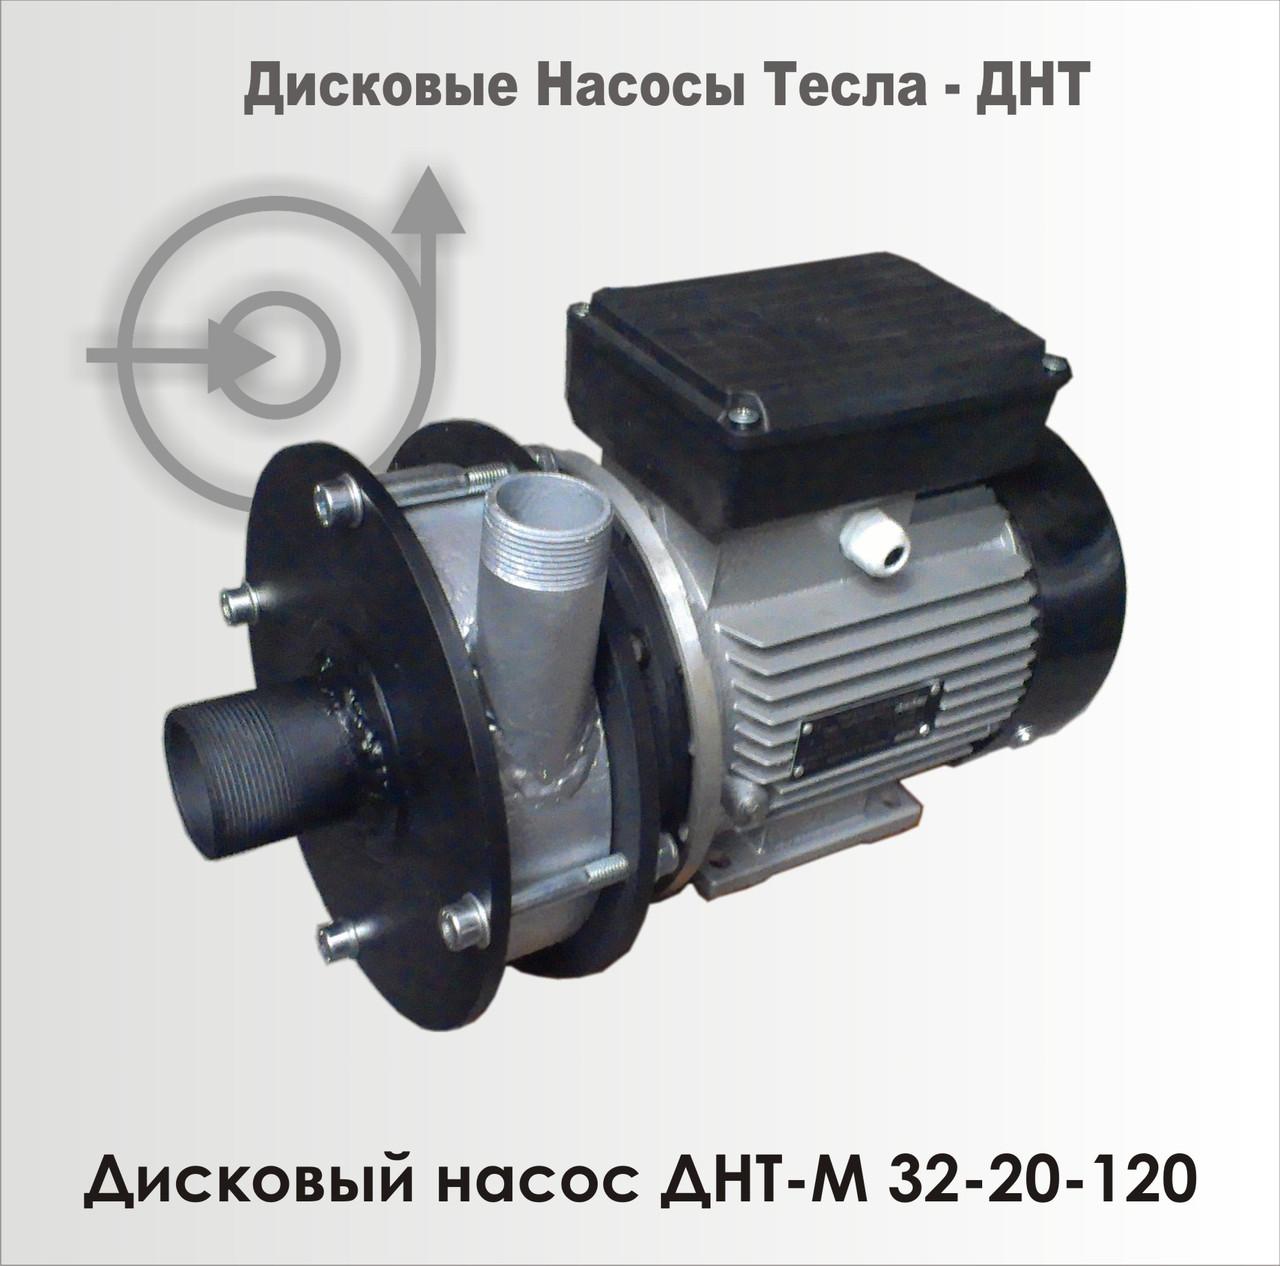 ДНТ-М 32-20-120 ТУ Т1 для фильтрованного масла